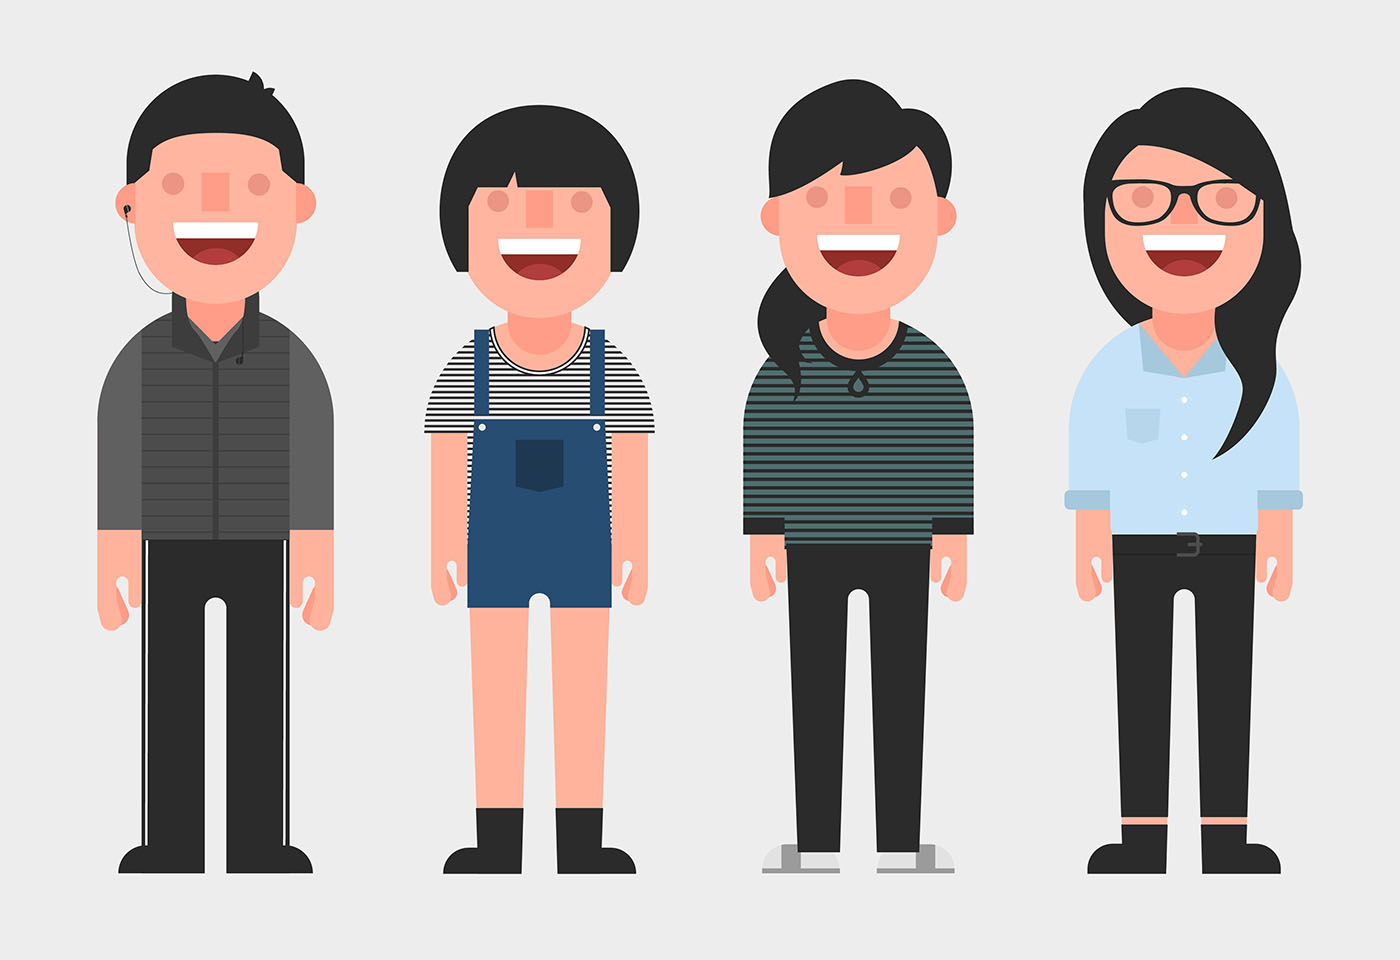 characters-by-sophia-liu-studio-sophy